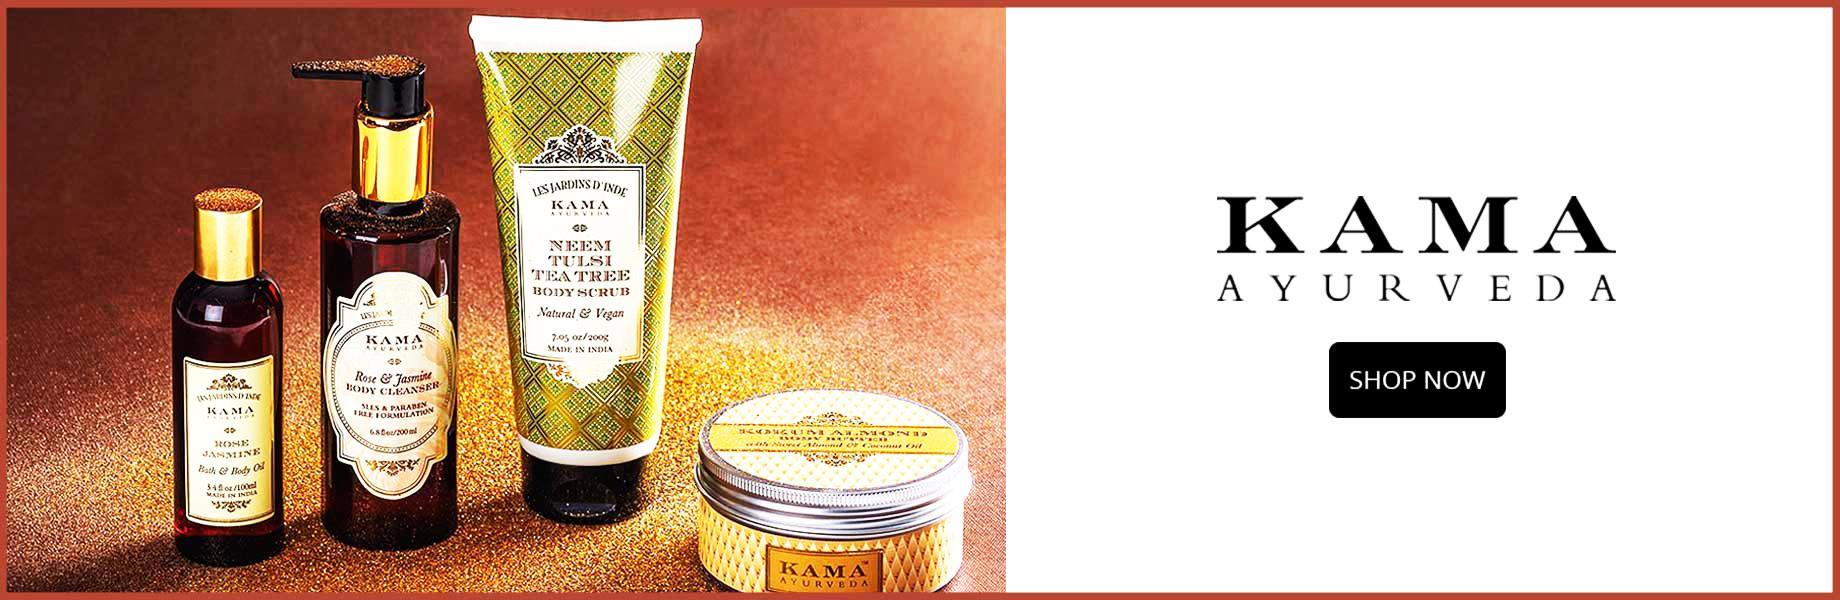 Kama-Ayurveda--web.jpg